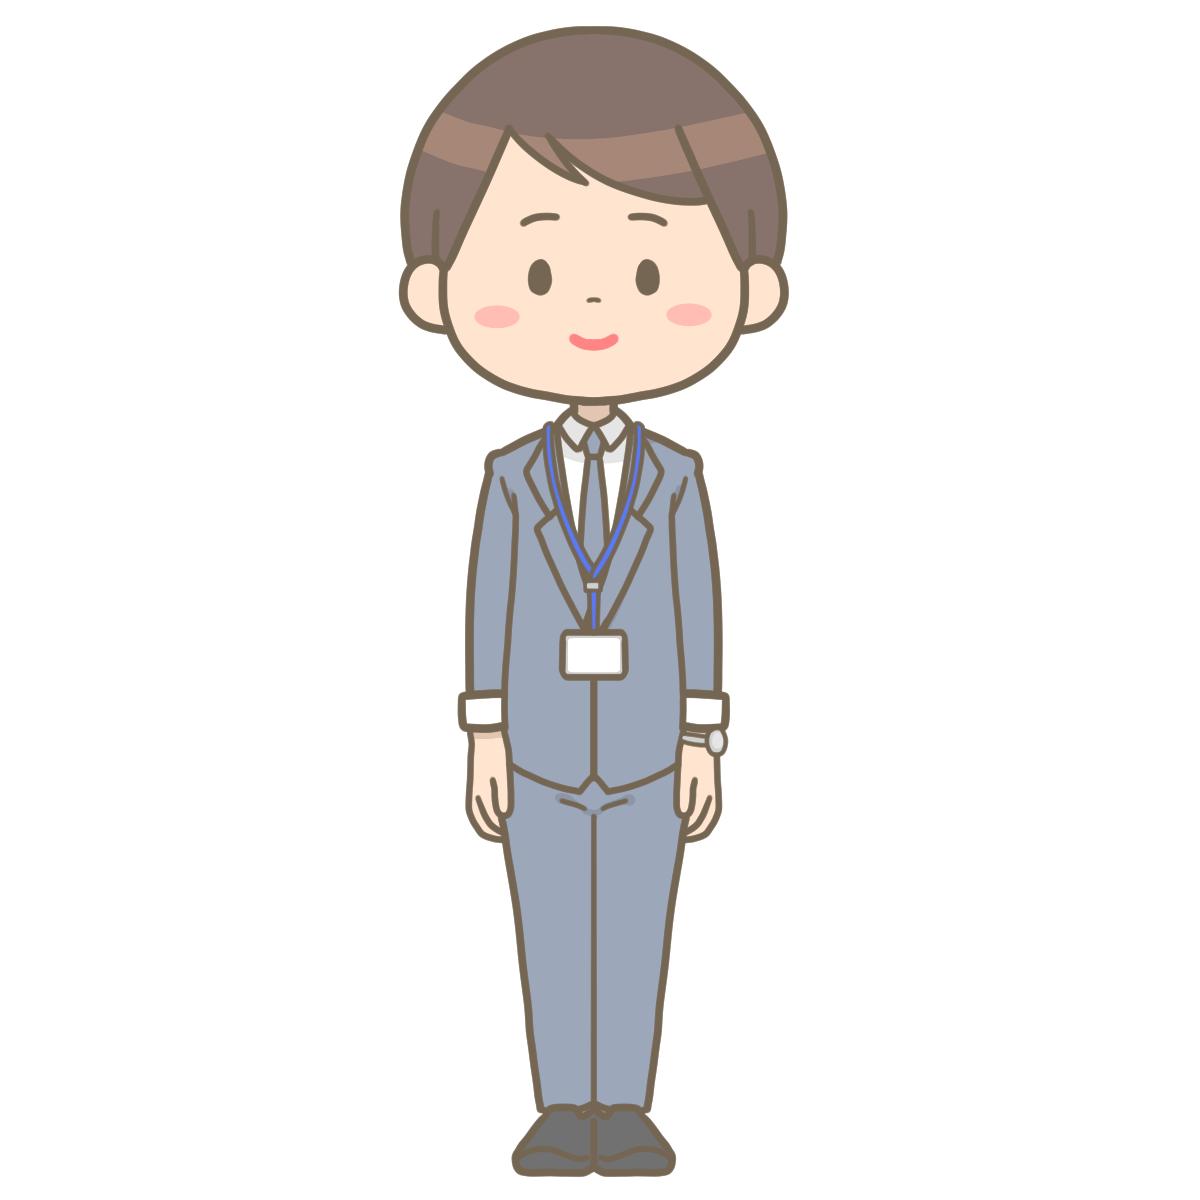 スーツ姿の男性社会福祉士のイラストフリー素材看護rooカンゴルー